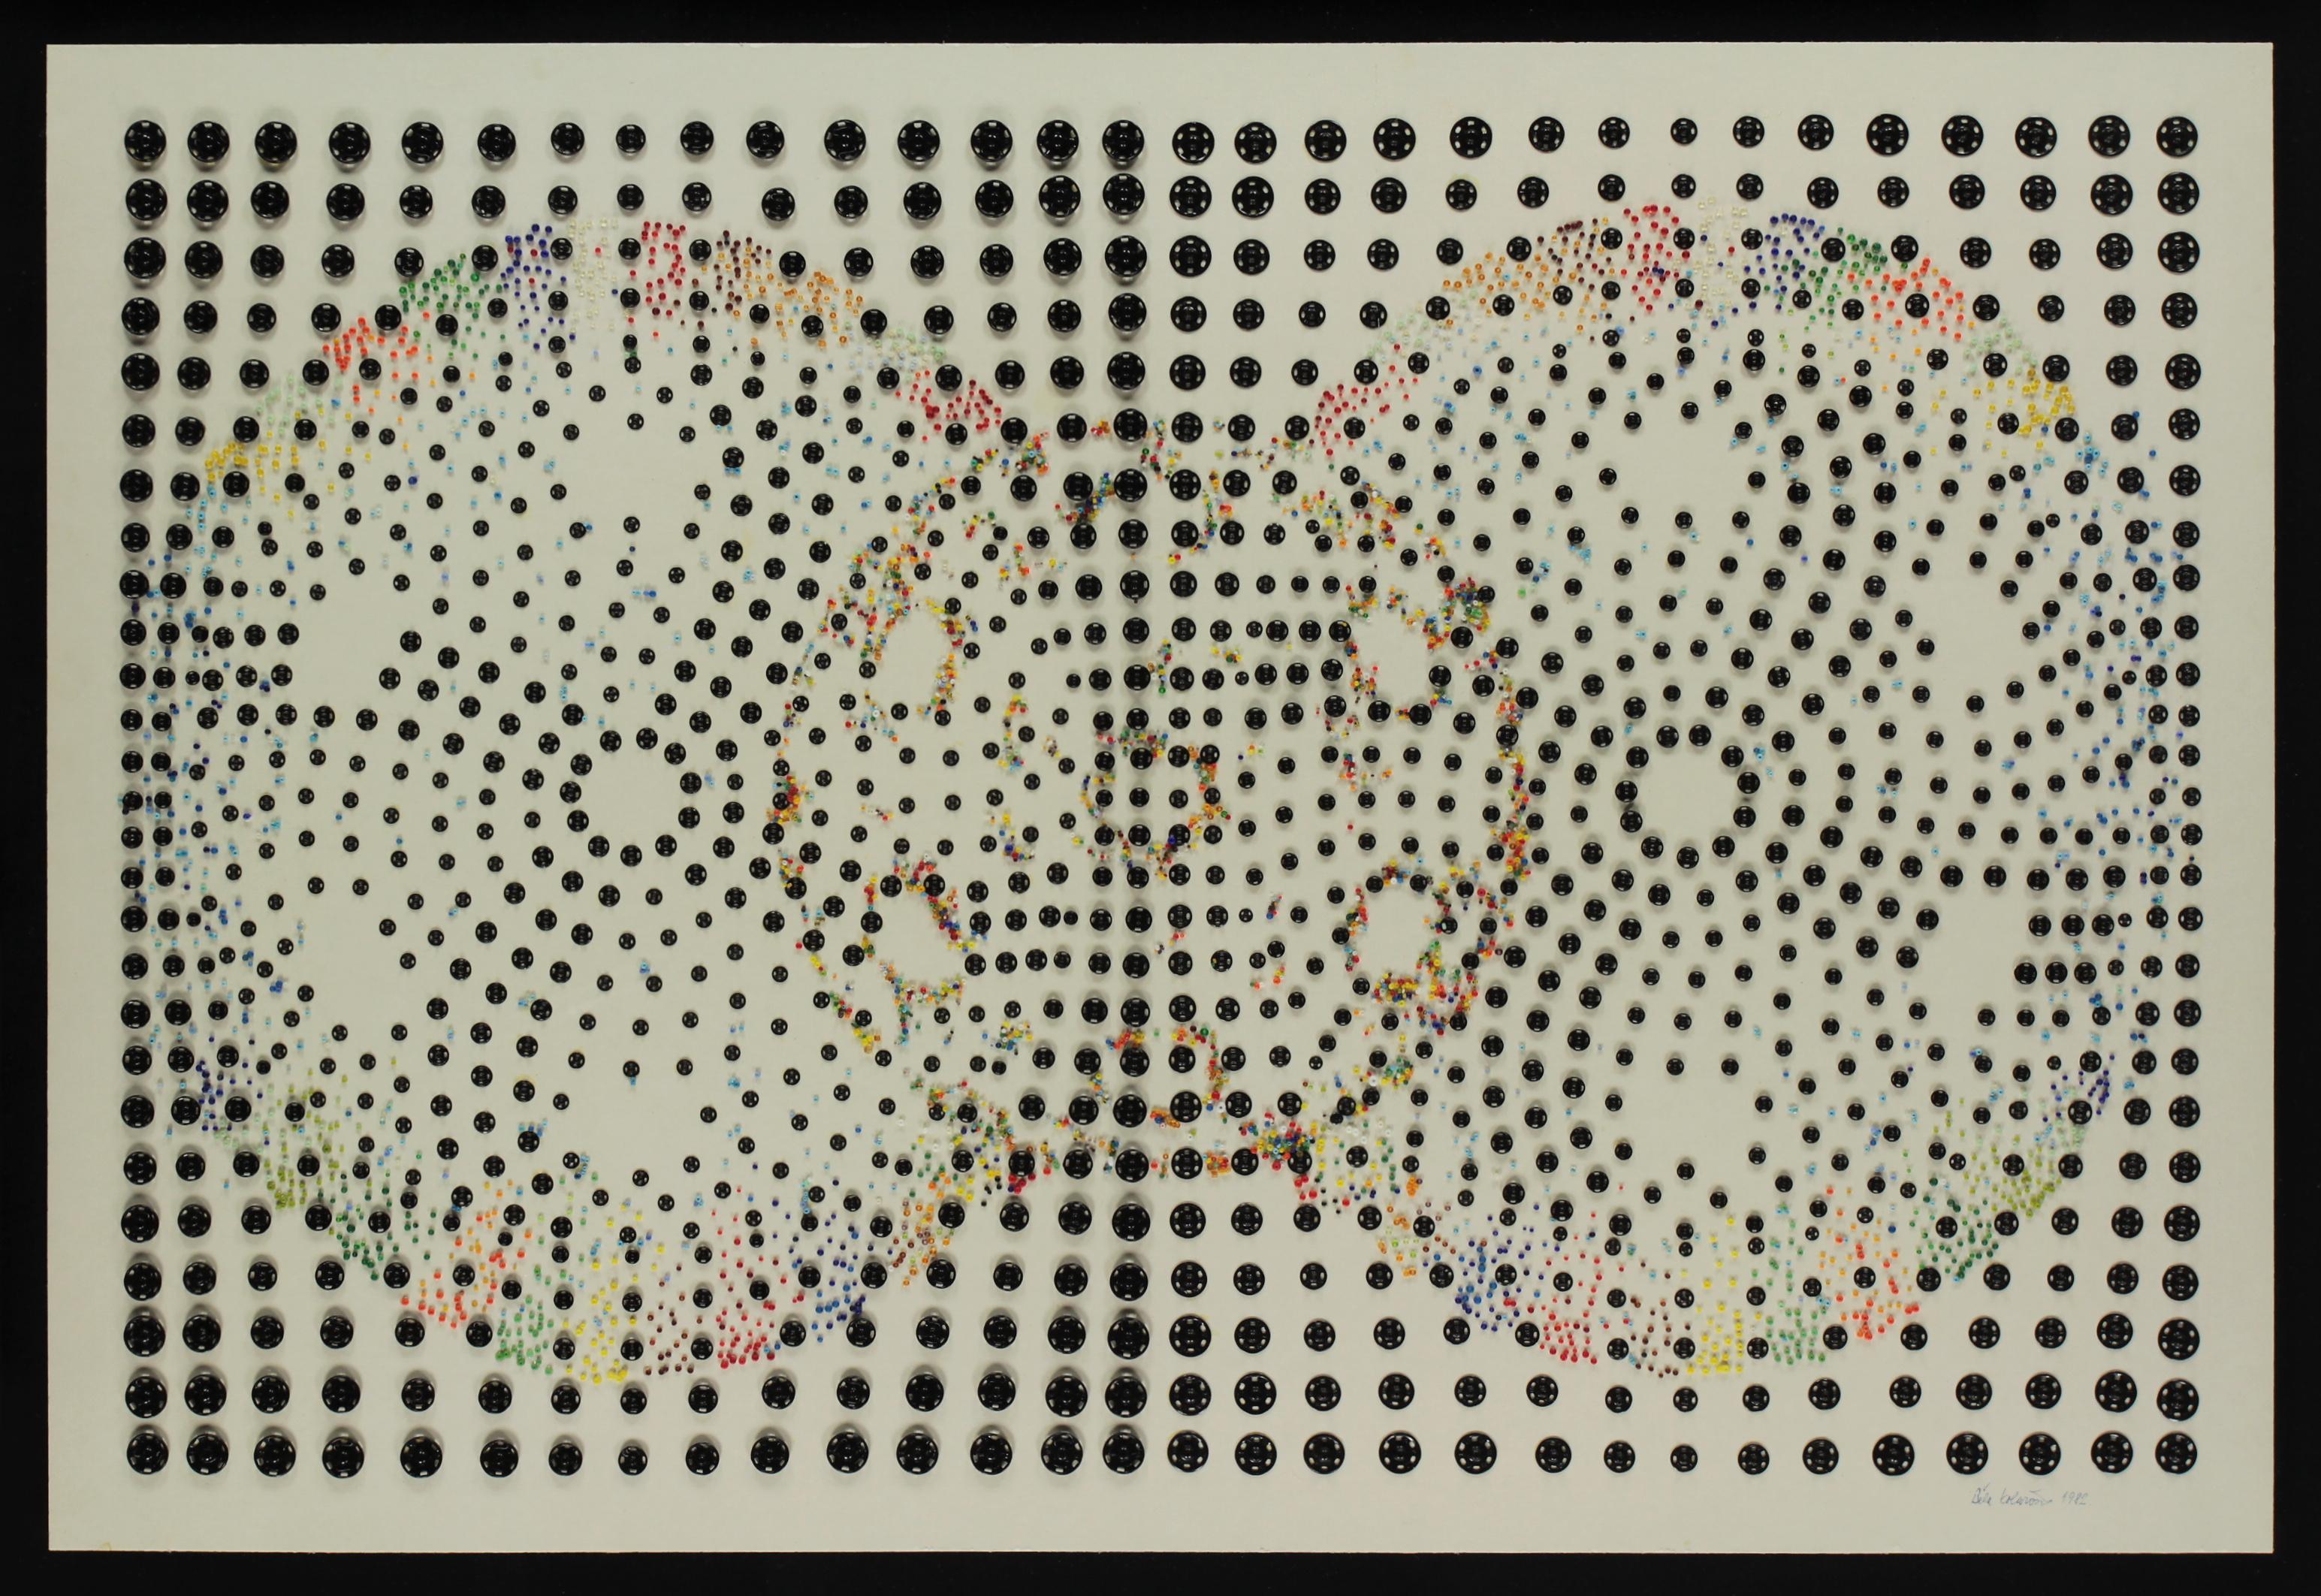 Běla Kolářová: Životopis jedné patentky V. (Modrá - bílá - červená), 1982, asambláž, patentky, korálky, karton